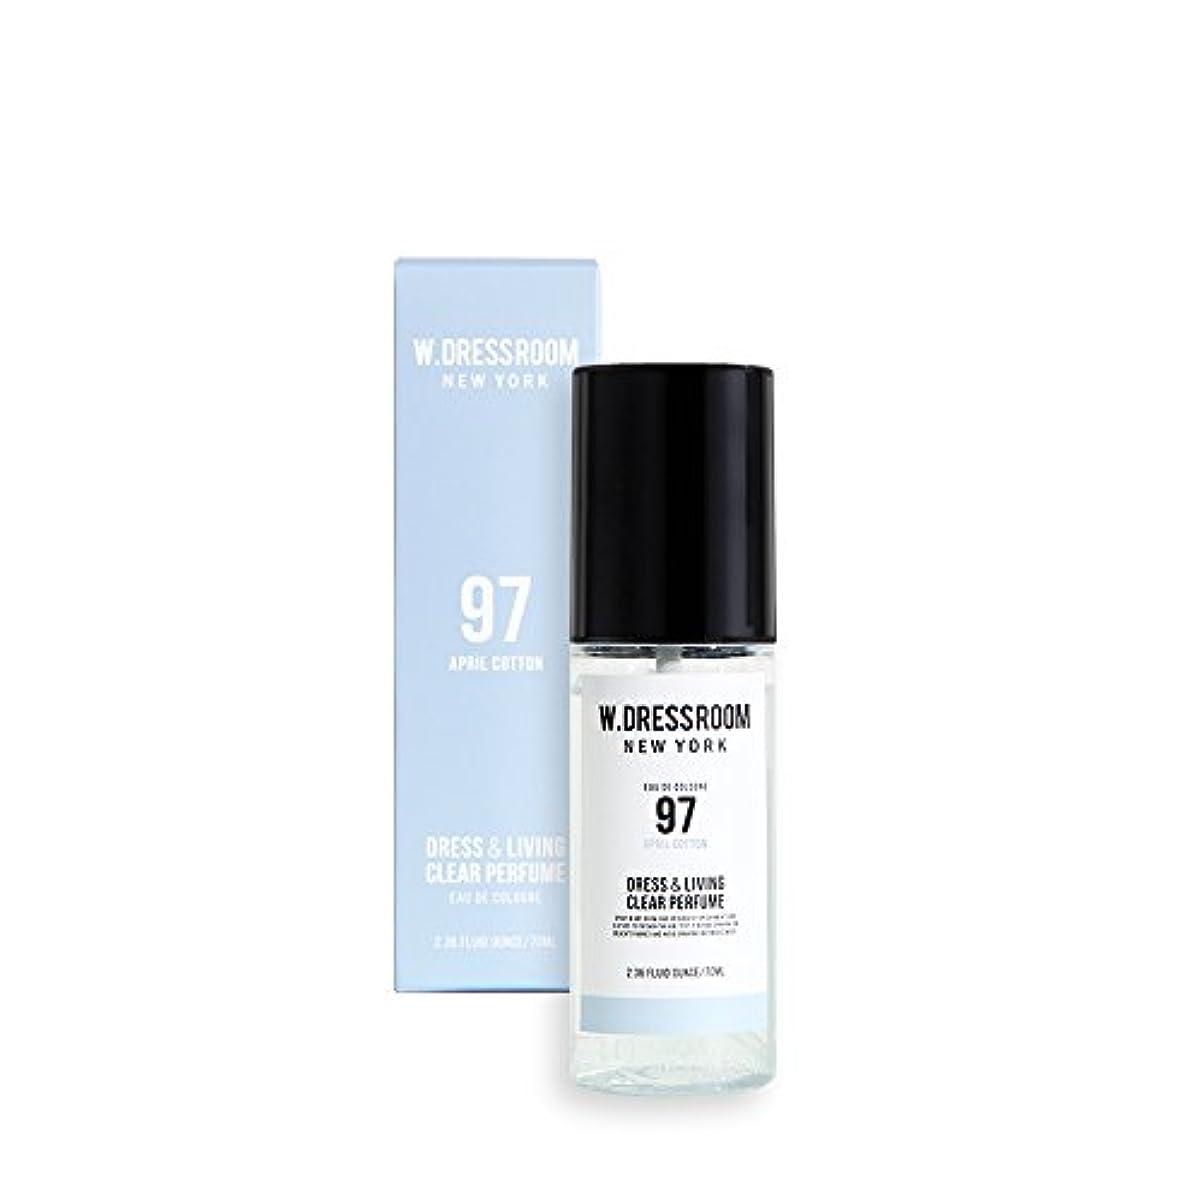 モデレータ四面体洞察力W.DRESSROOM Dress & Living Clear Perfume 70ml/ダブルドレスルーム ドレス&リビング クリア パフューム 70ml (#No.97 April Cotton) [並行輸入品]